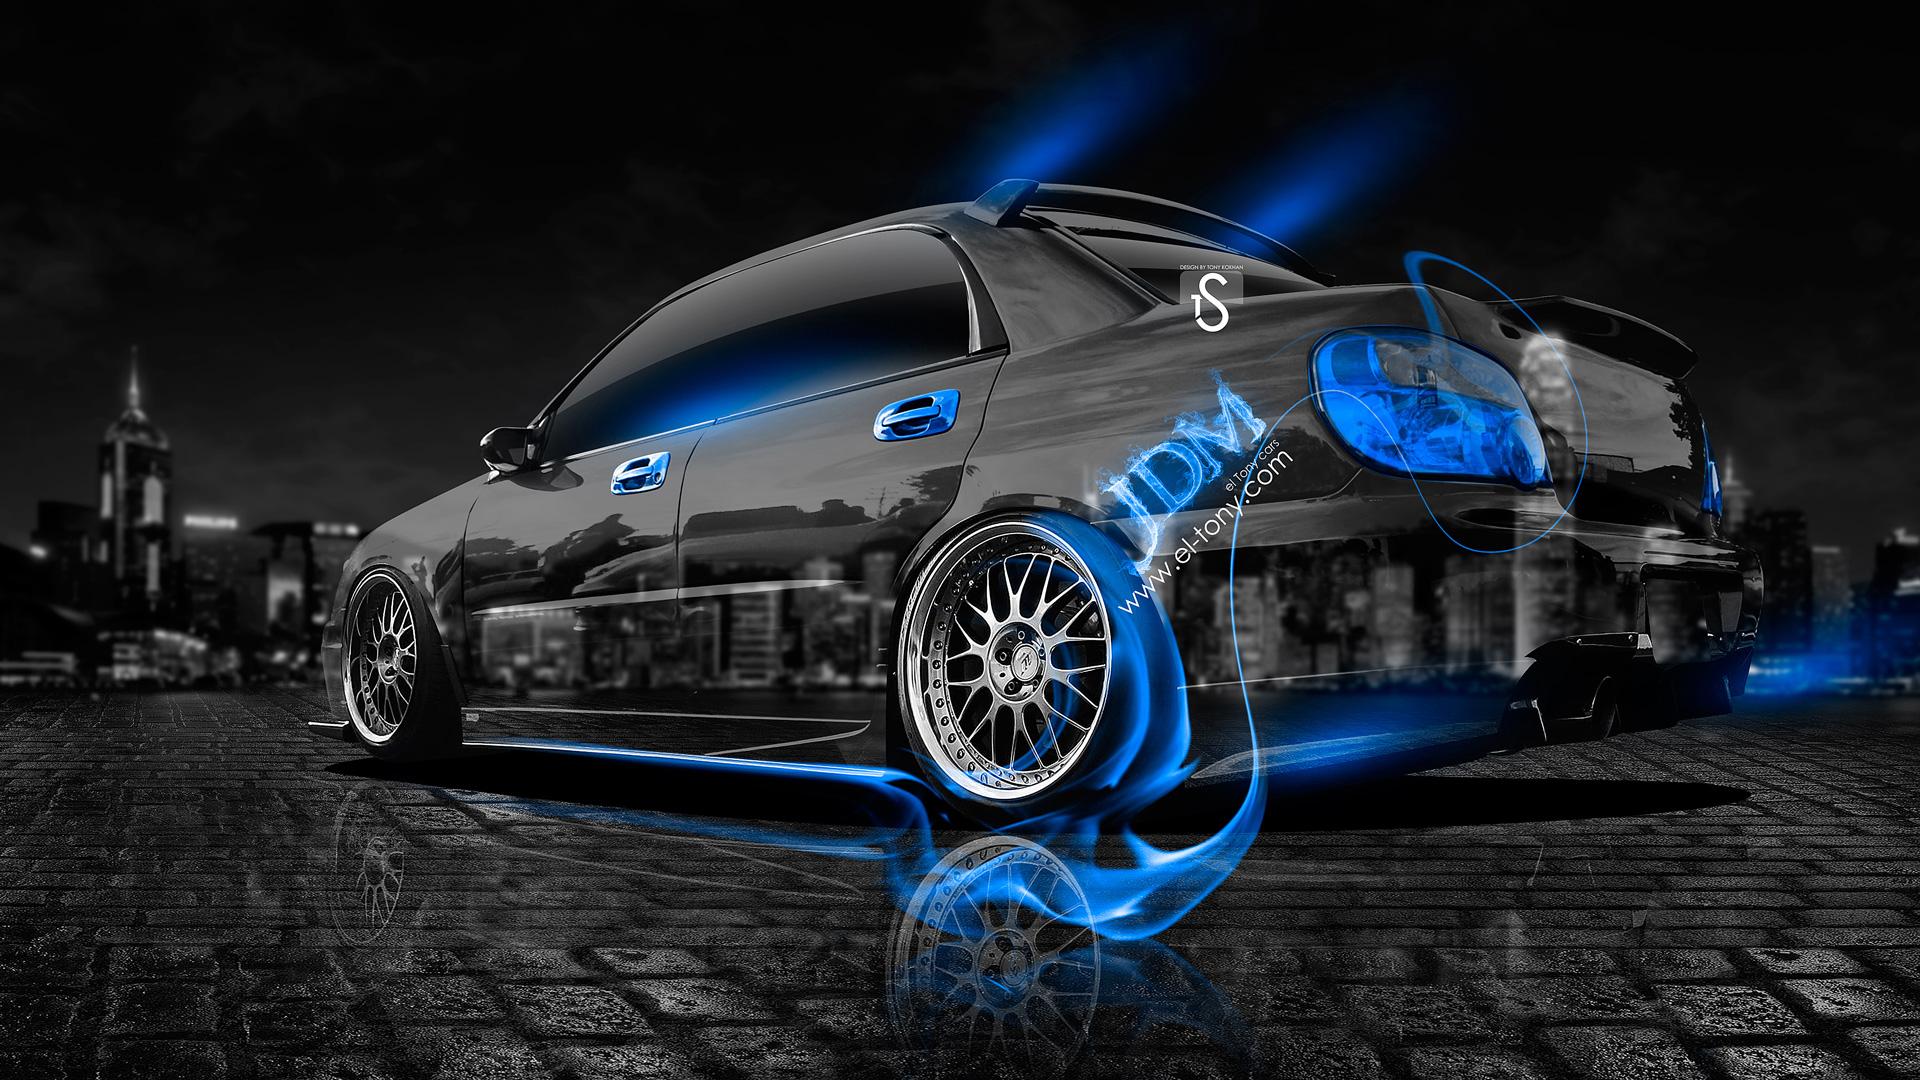 Subaru impreza wrx sti jdm blue fire crystal